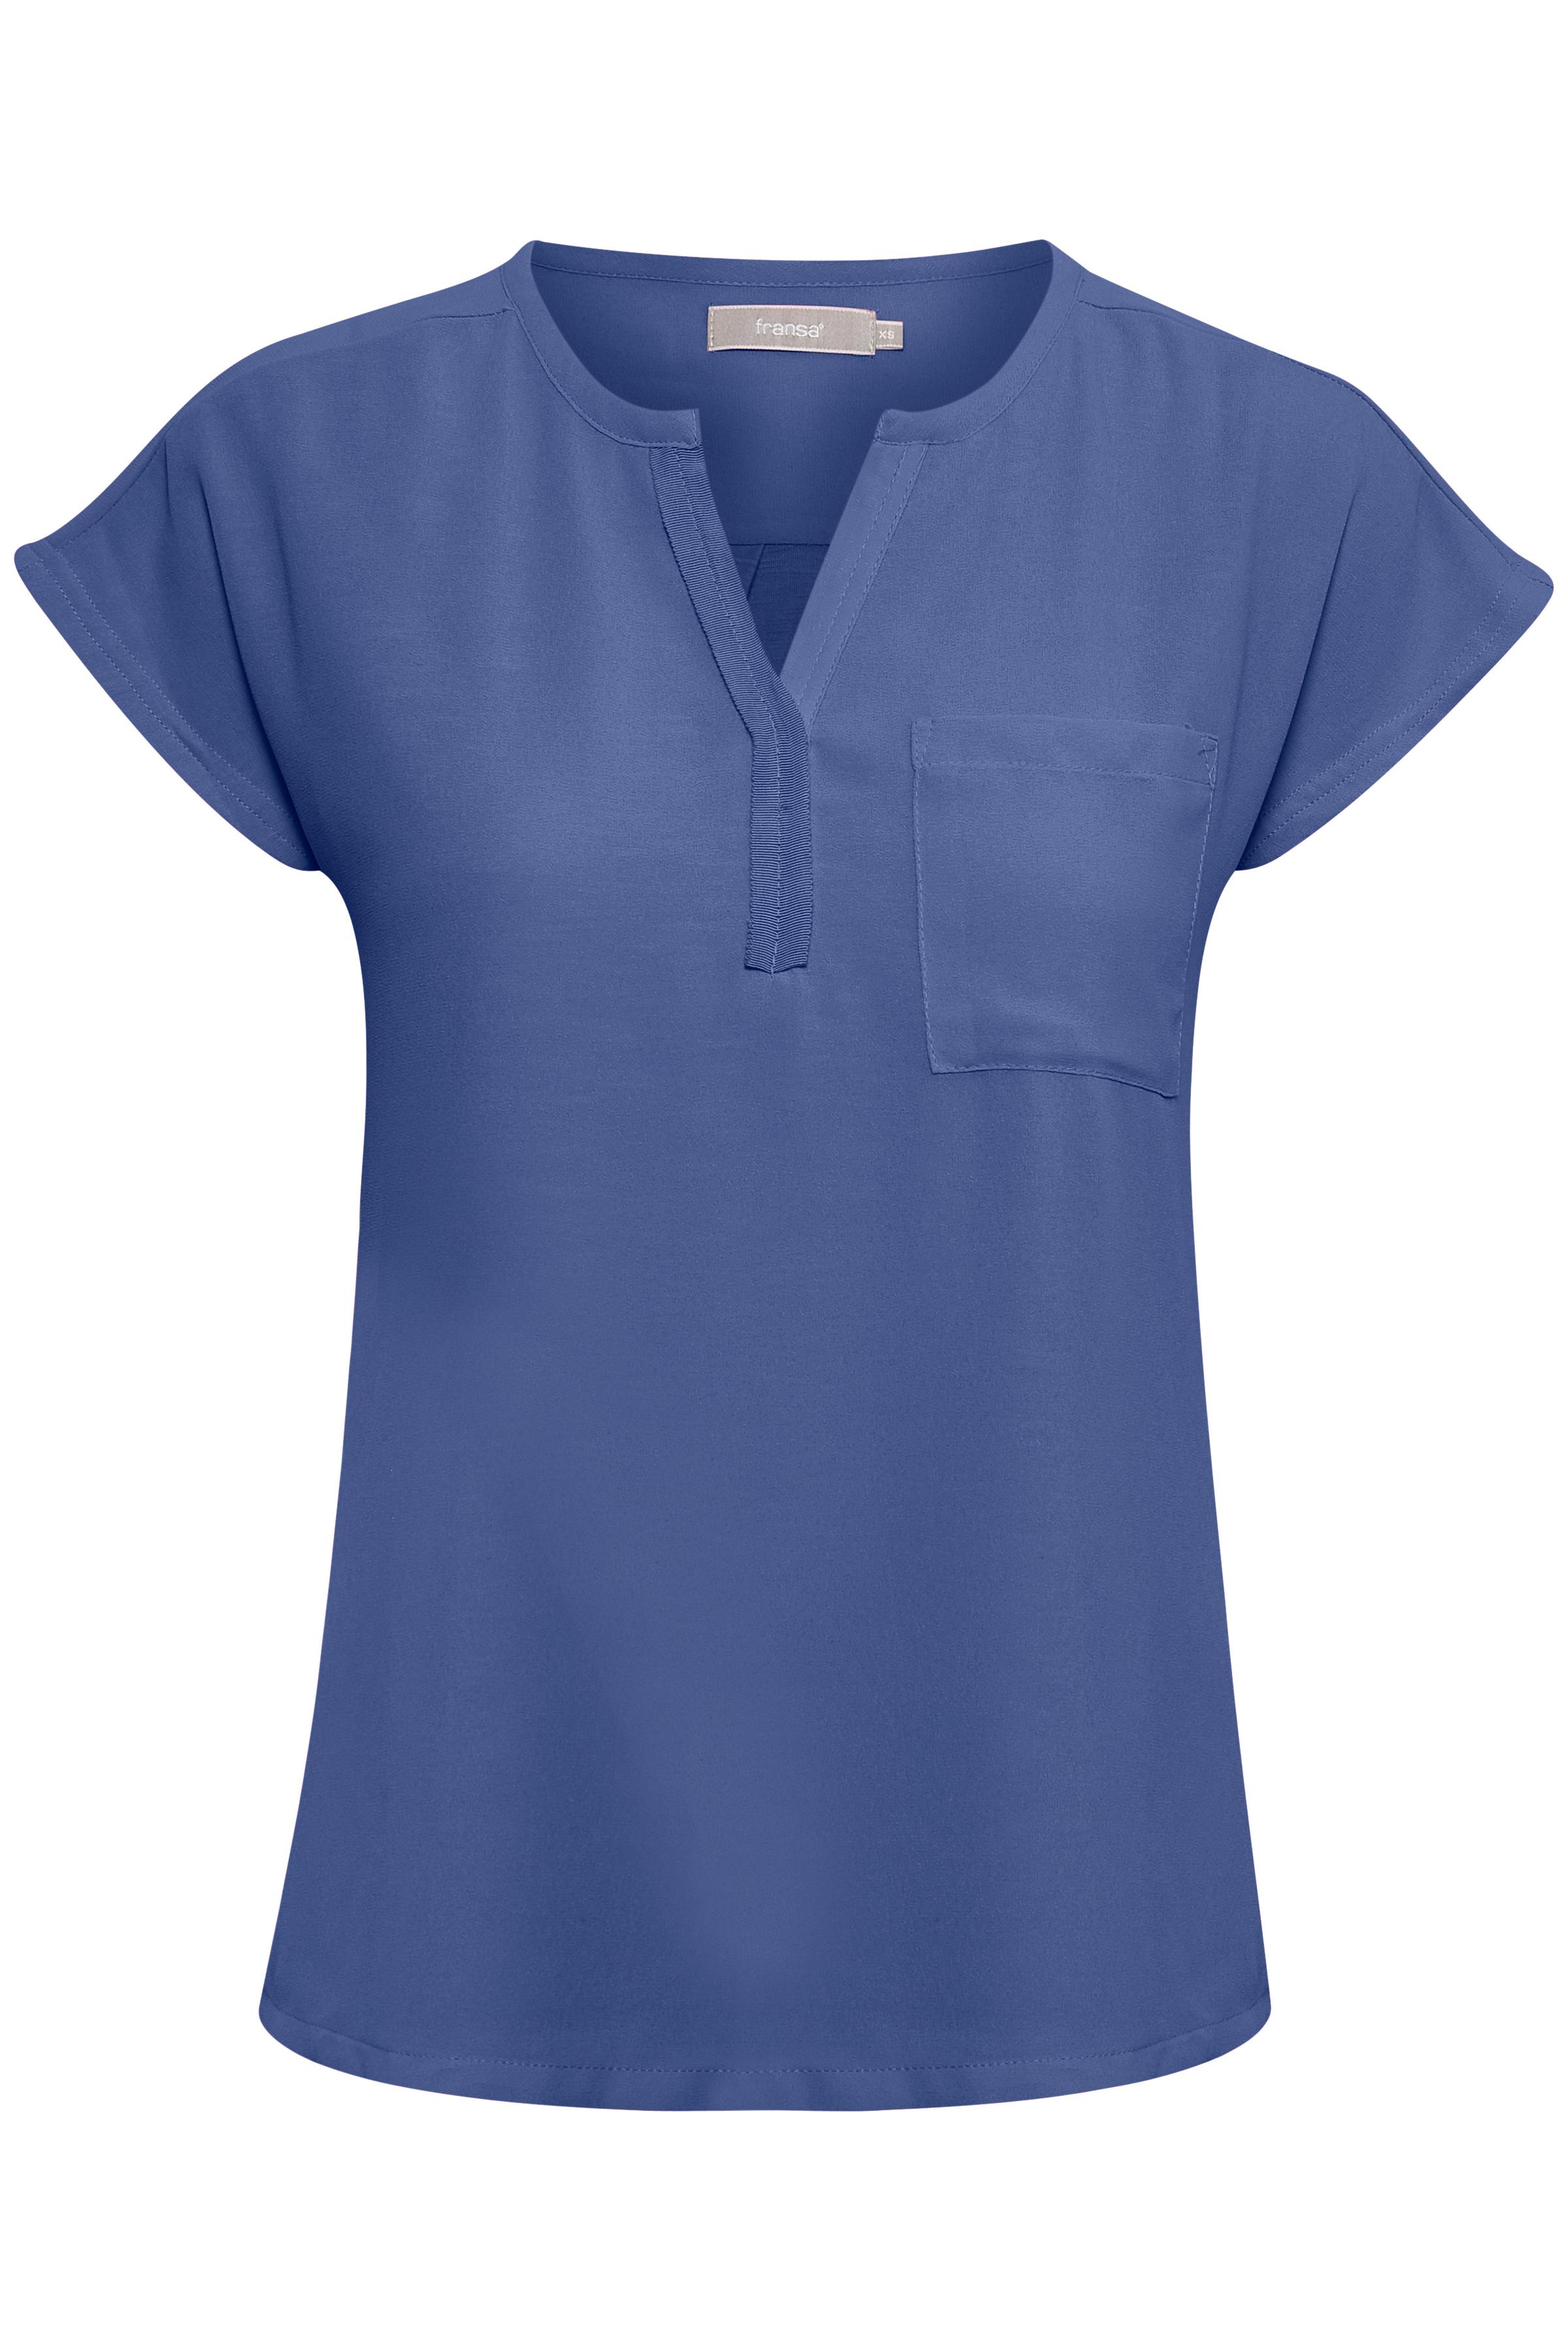 Staubblau Kurzarm-Bluse von Fransa – Shoppen Sie Staubblau Kurzarm-Bluse ab Gr. XS-XXL hier